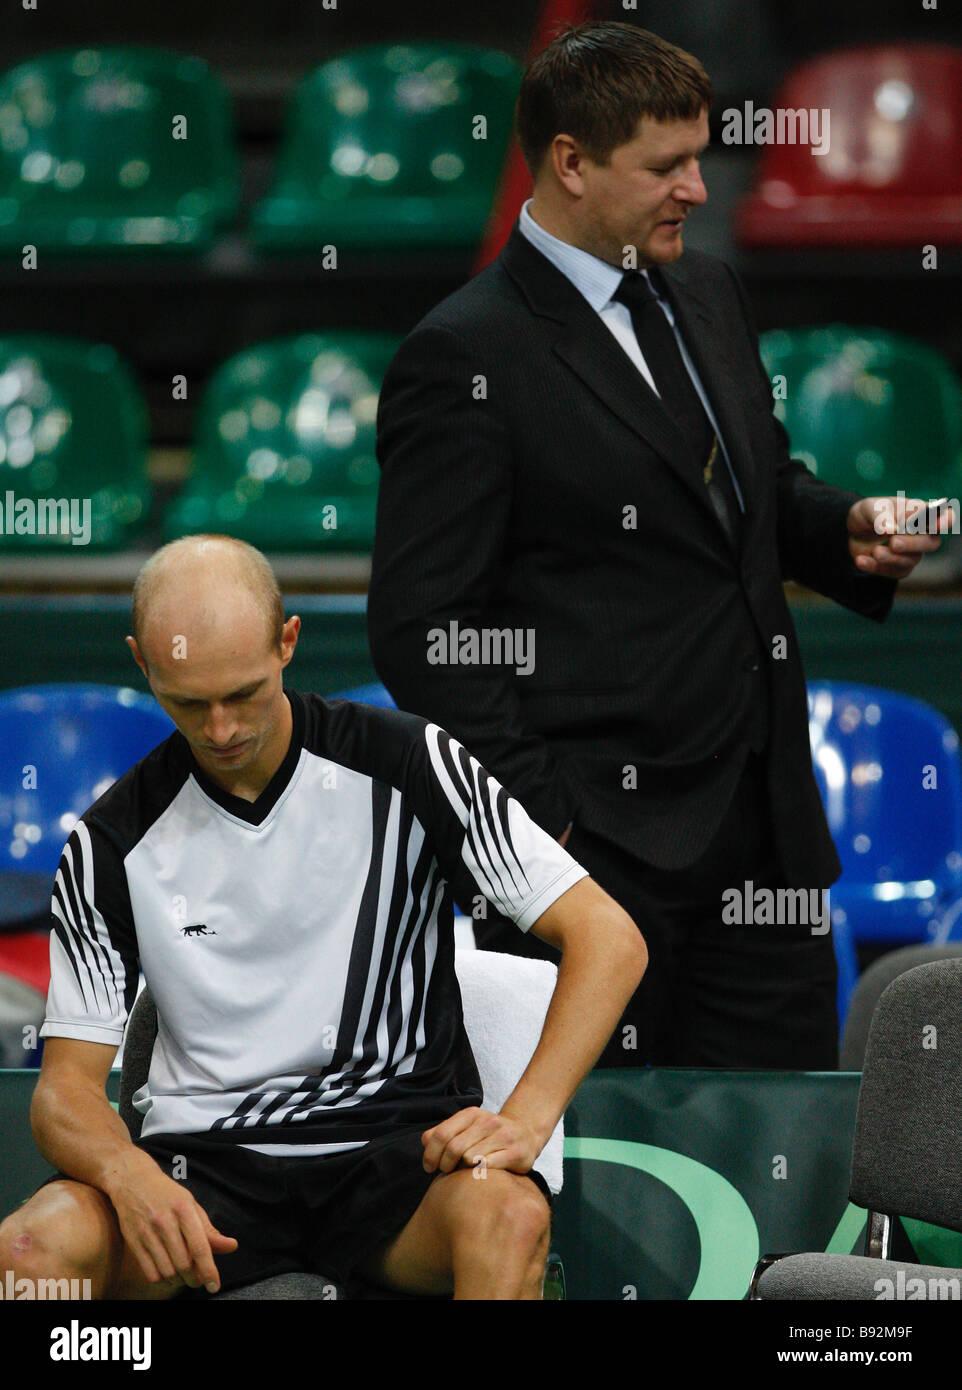 El tenista ruso Nikolay Davydenko el primer plano y el famoso jugador de tenis Yevgeny Kafelnikov en una práctica para la próxima Foto de stock